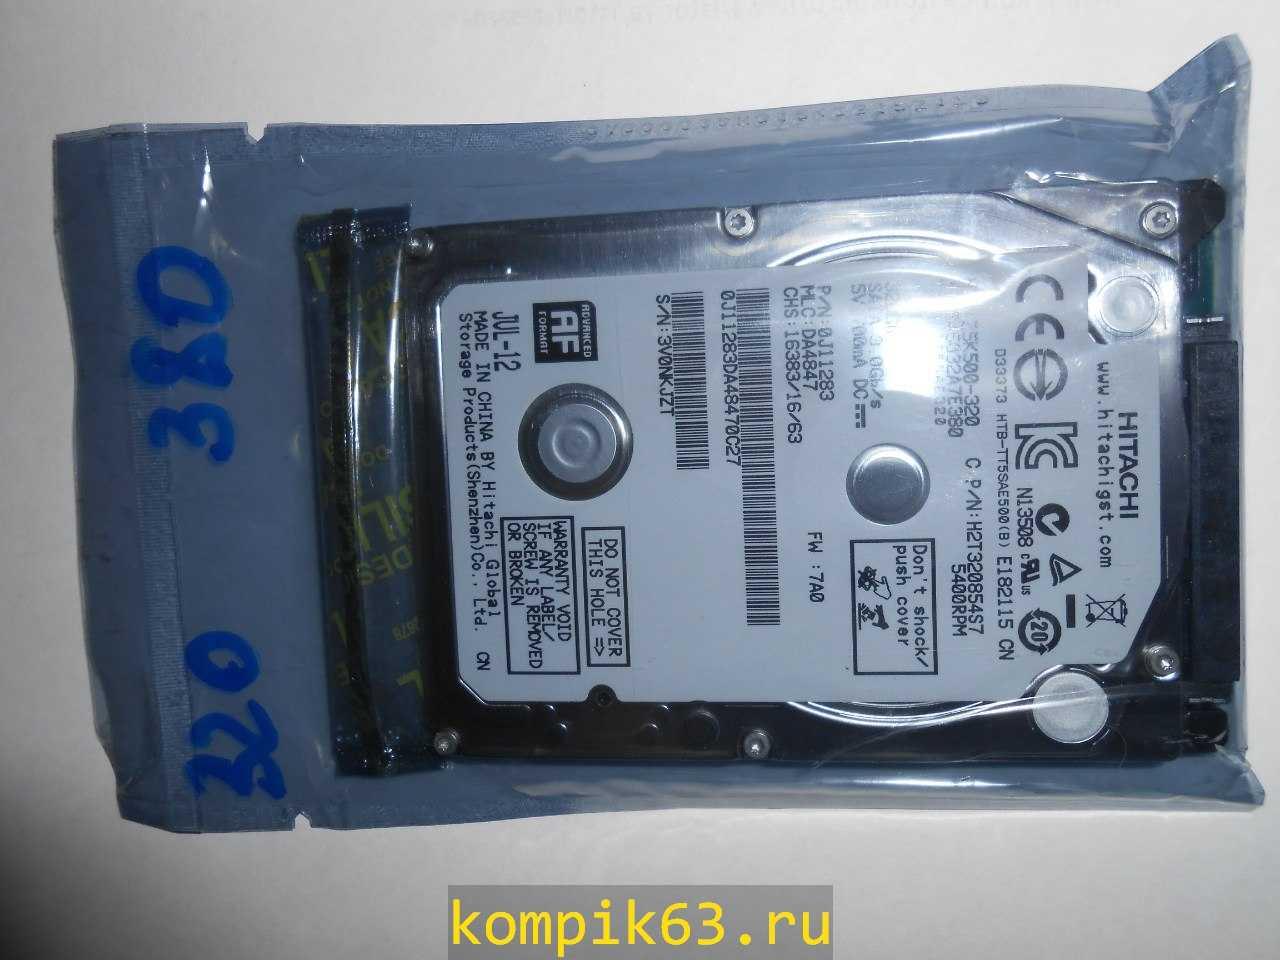 kompik63.ru-004